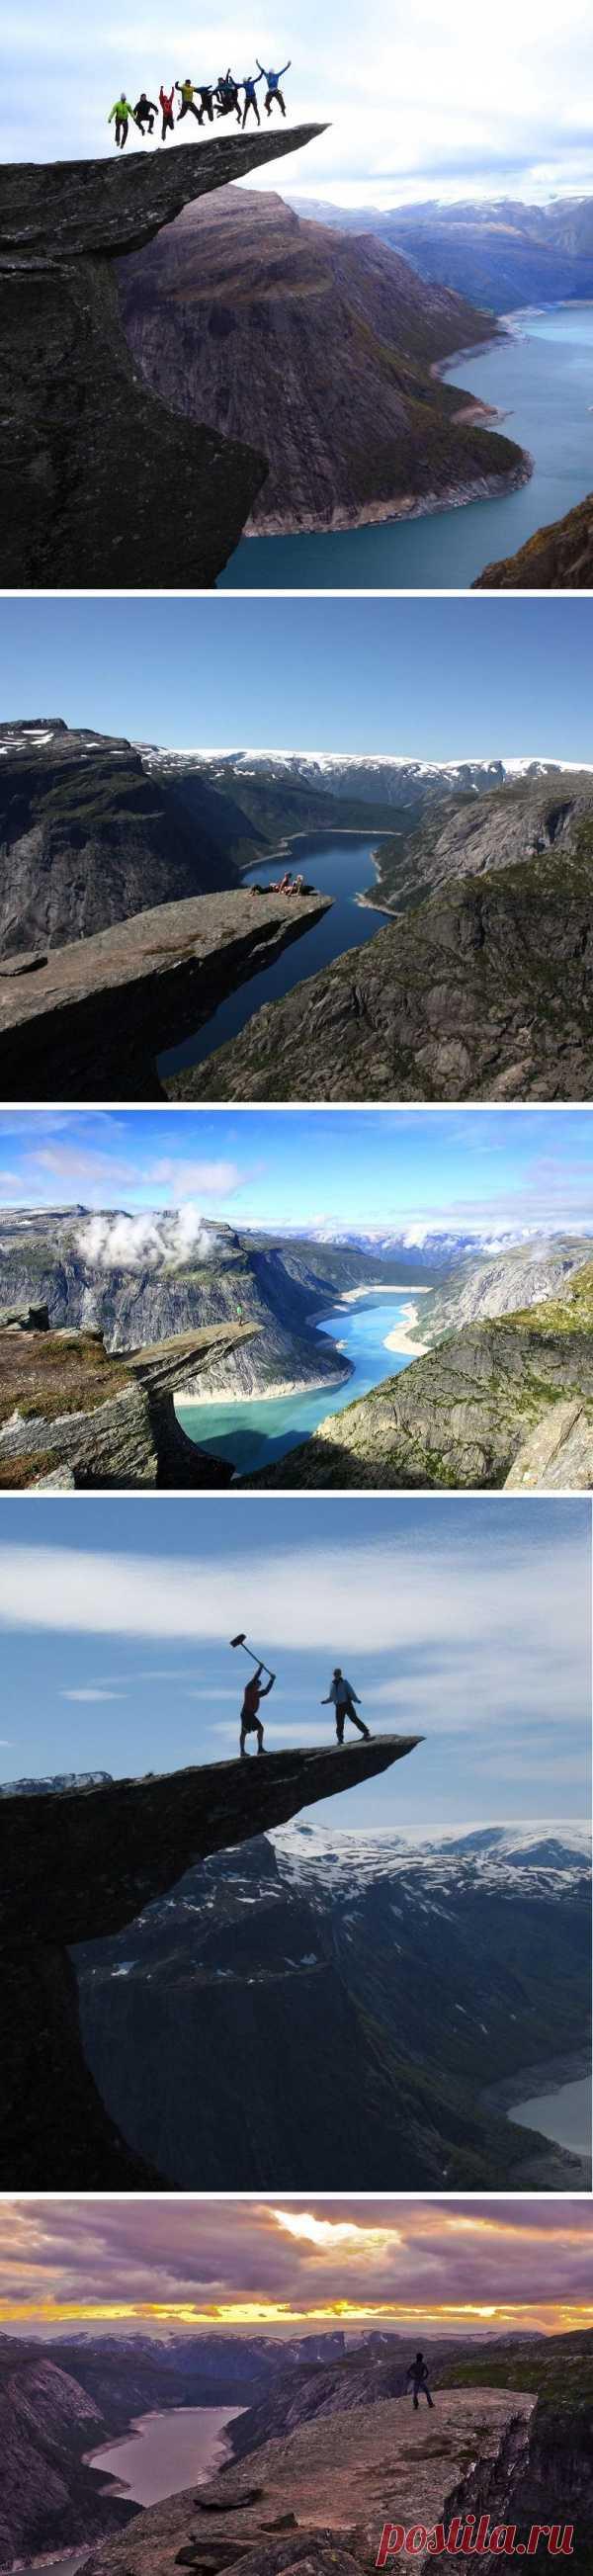 Над пропастью! Язык Тролля - захватывающее место в Норвегии